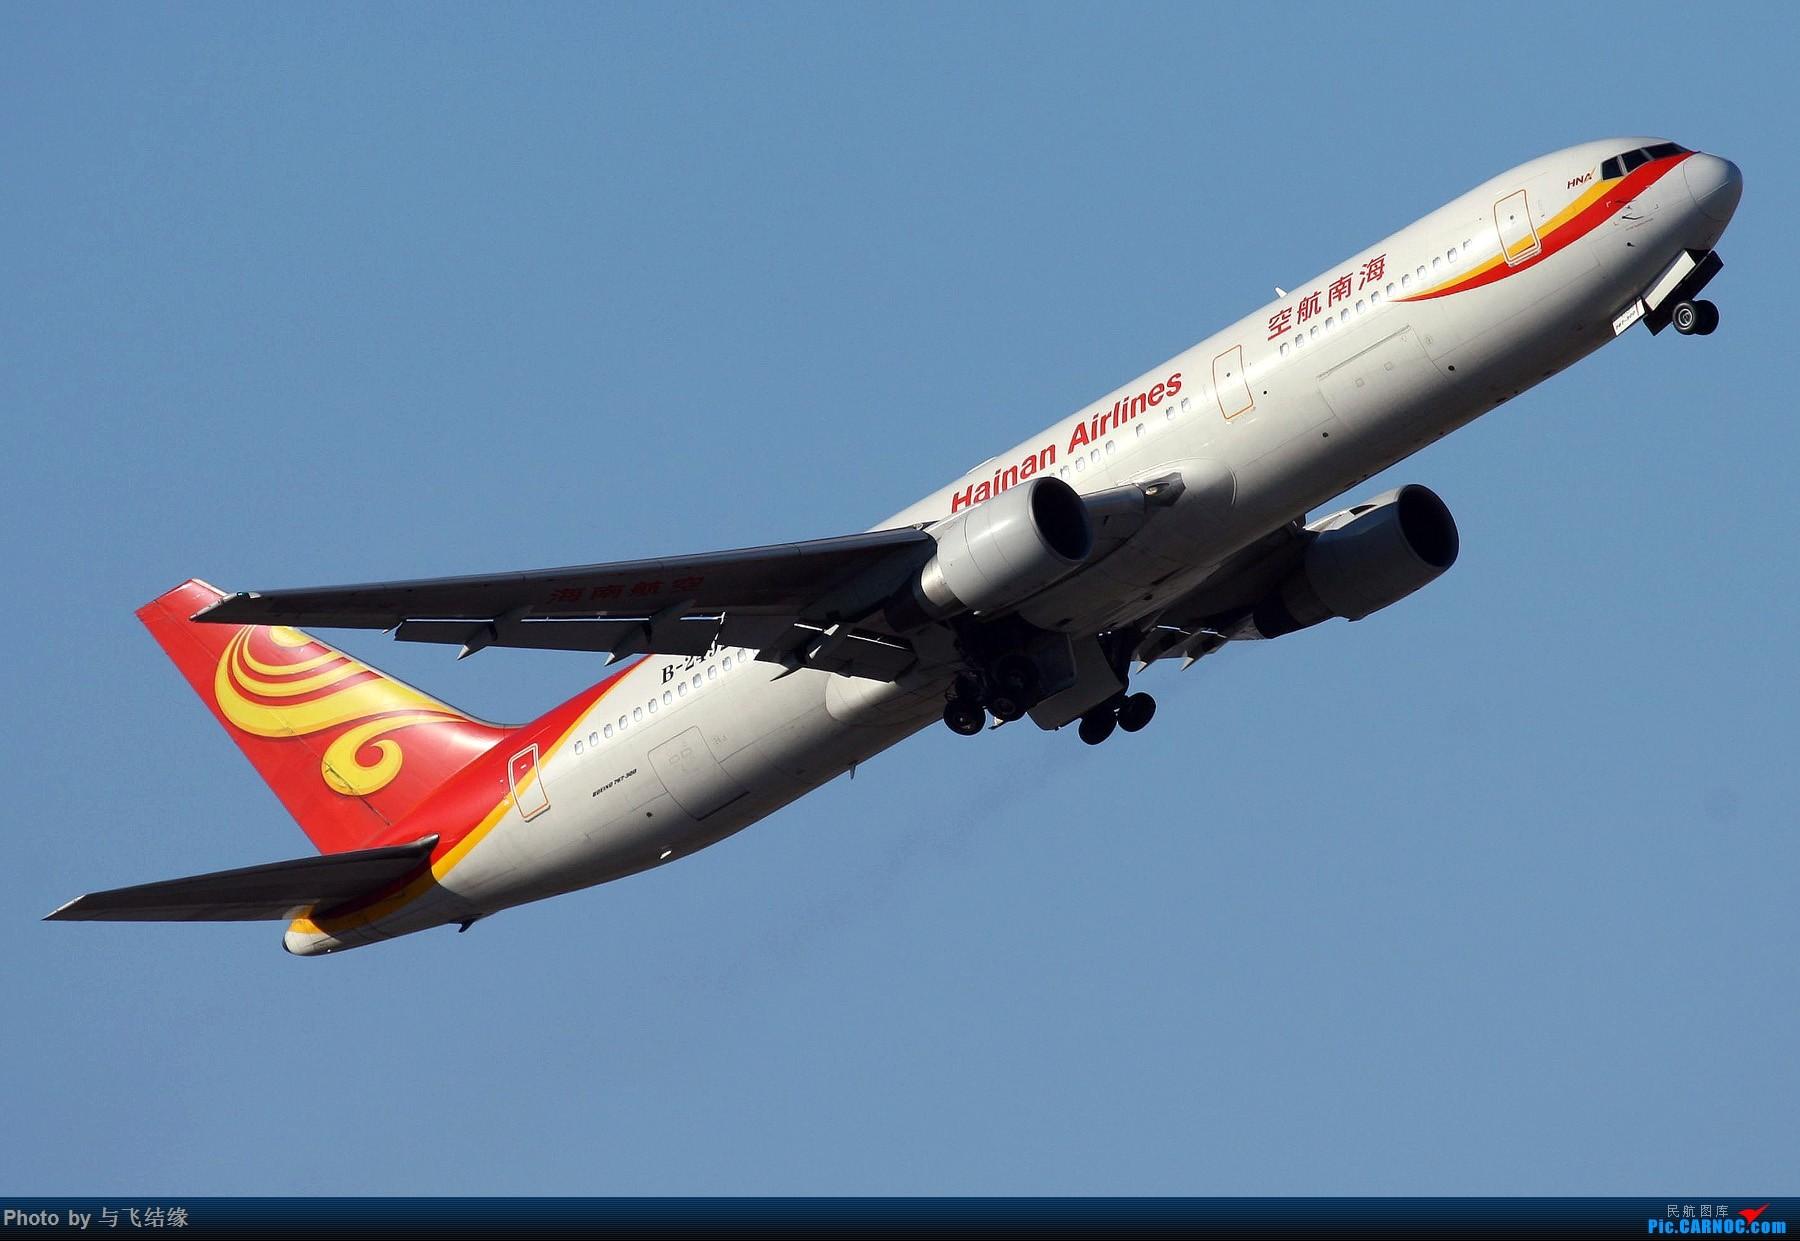 Re:[原创]新瓶装旧酒老图新发之昂首奋飞! BOEING 767-300ER B-2492 中国北京首都国际机场